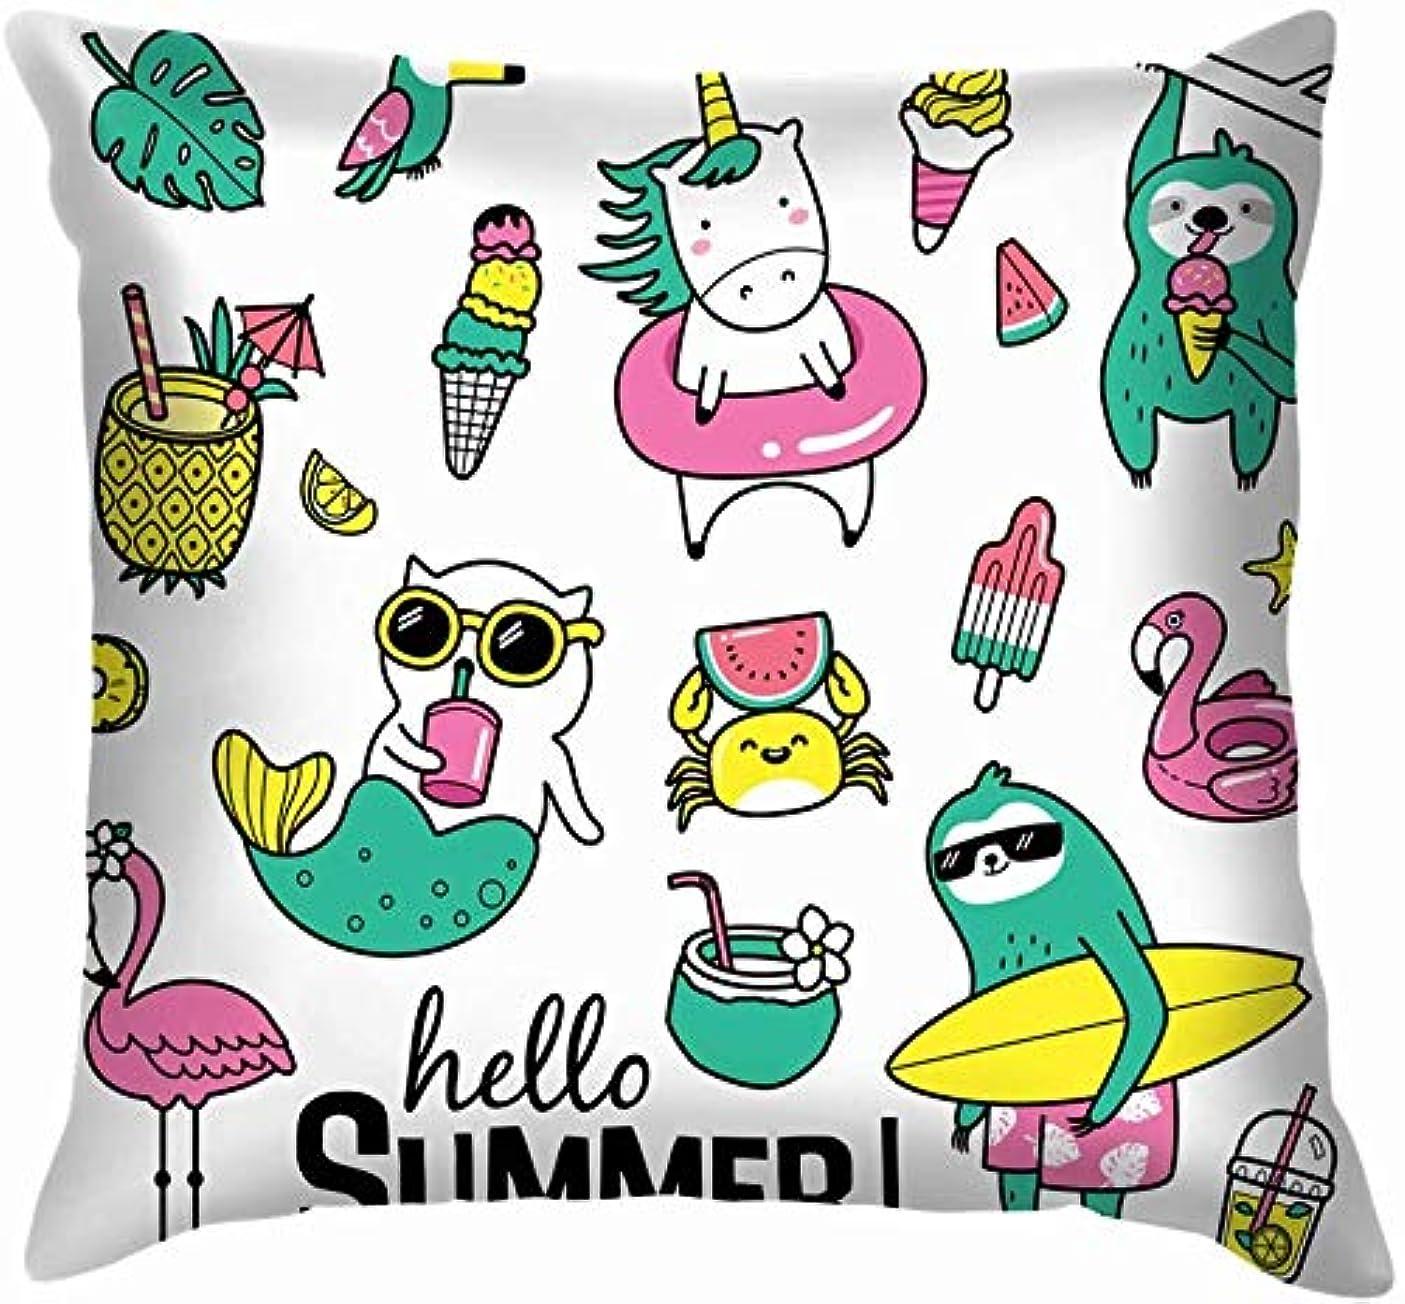 賛美歌コンパニオンコーンセットかわいい楽しい夏ステッカーバッジ動物野生動物人魚休日投げる枕カバーホームソファクッションカバー枕カバーギフト45x45 cm